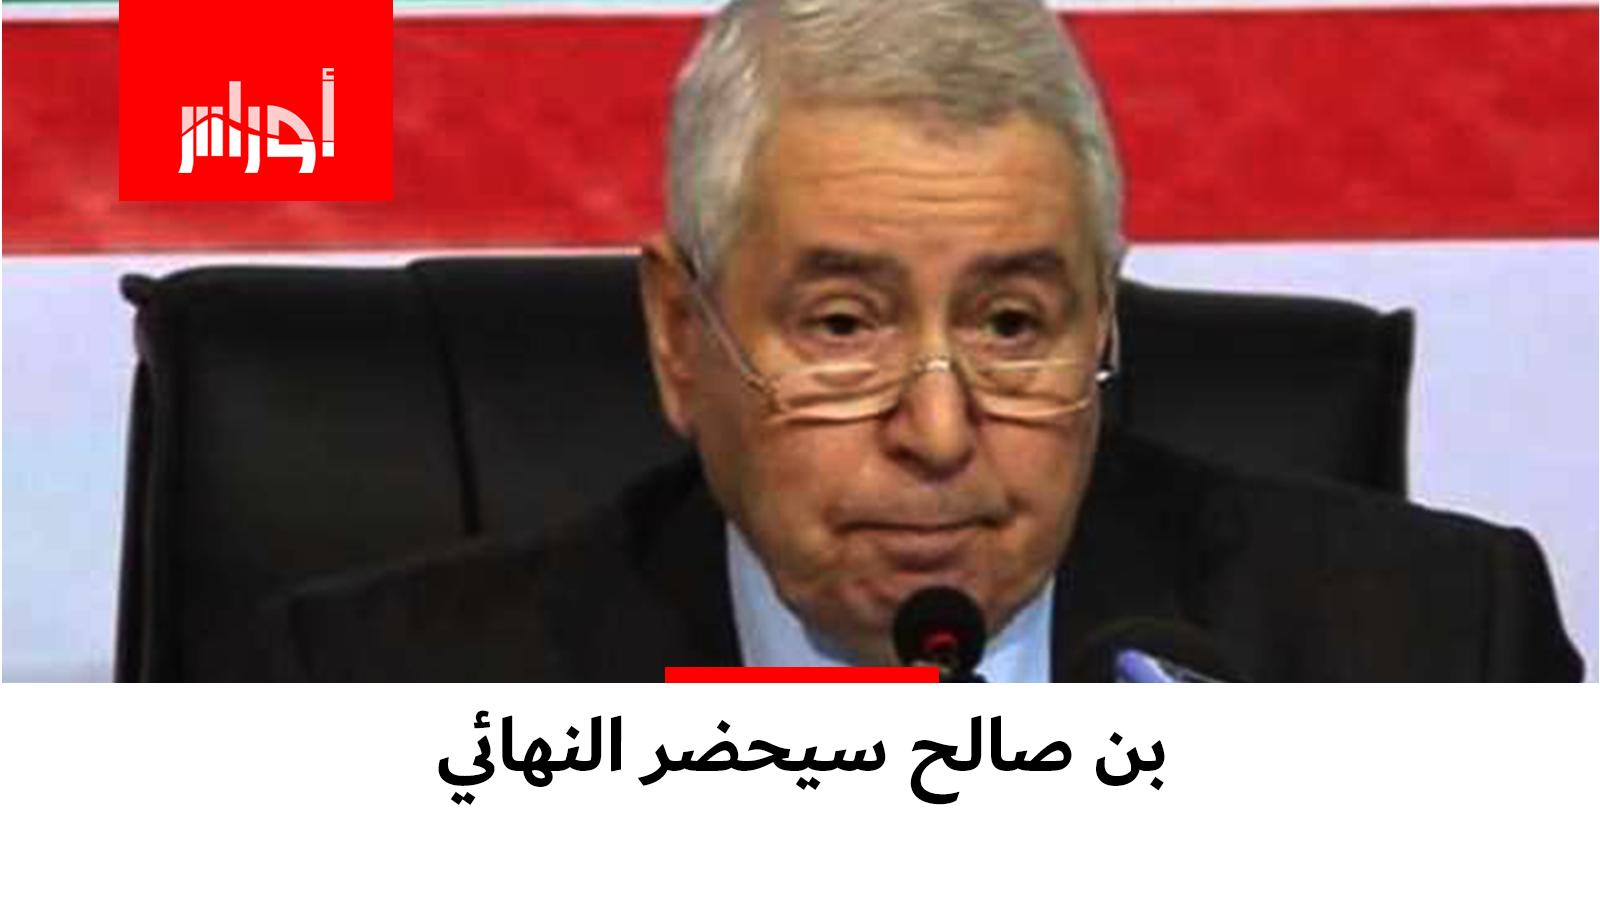 بن صالح سيحضر نهائي الكان كرئيس للدولة الجزائرية رغم المطالب الرافضة لاستمراره